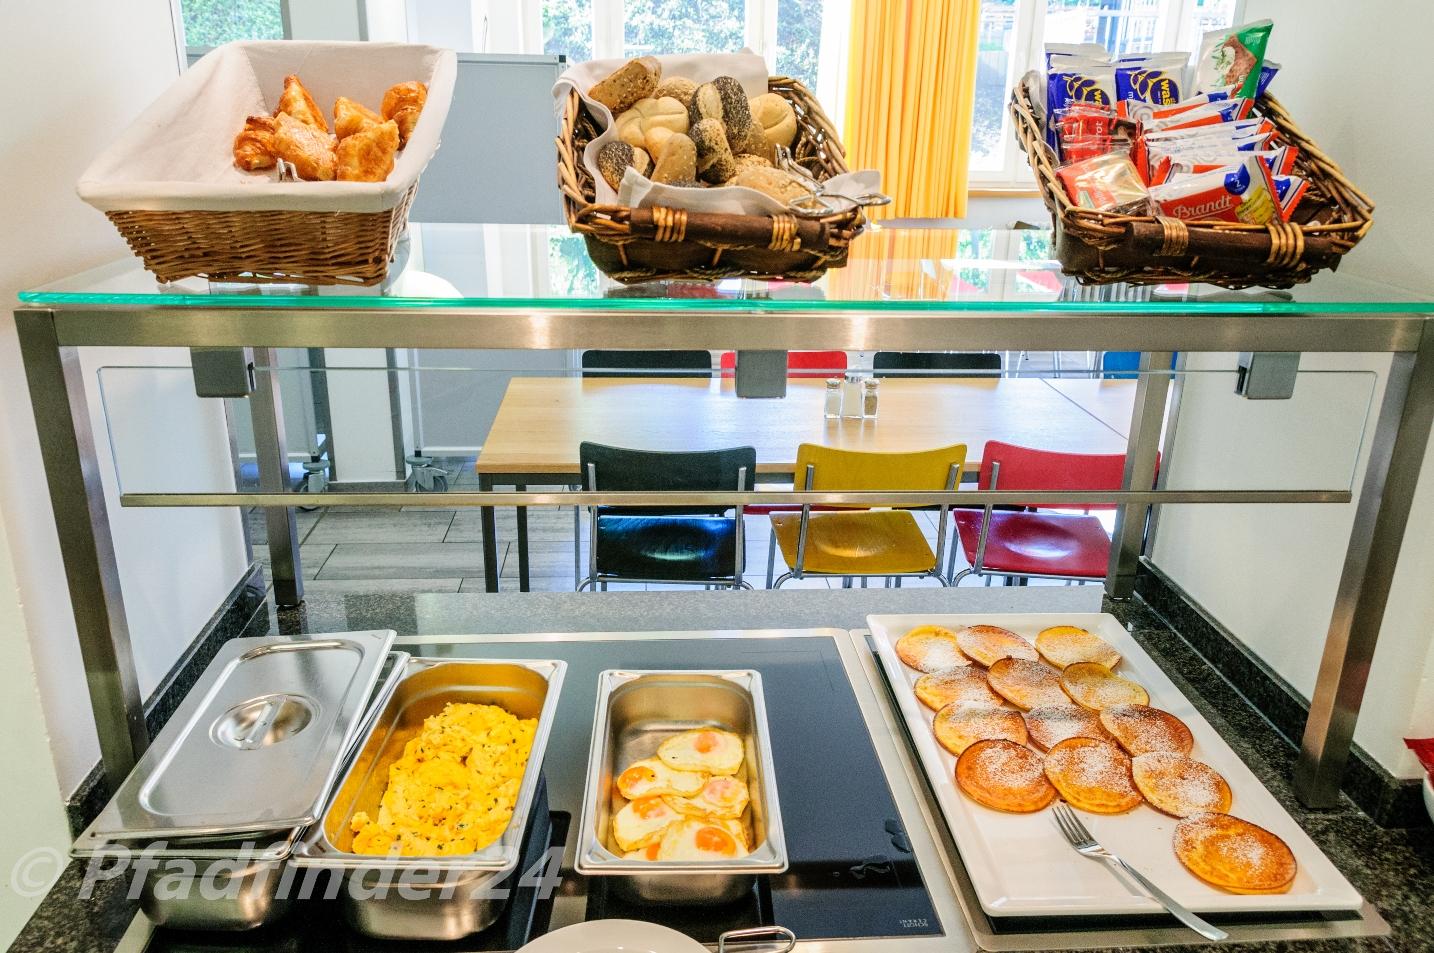 朝食のビュッフェで提供される食事